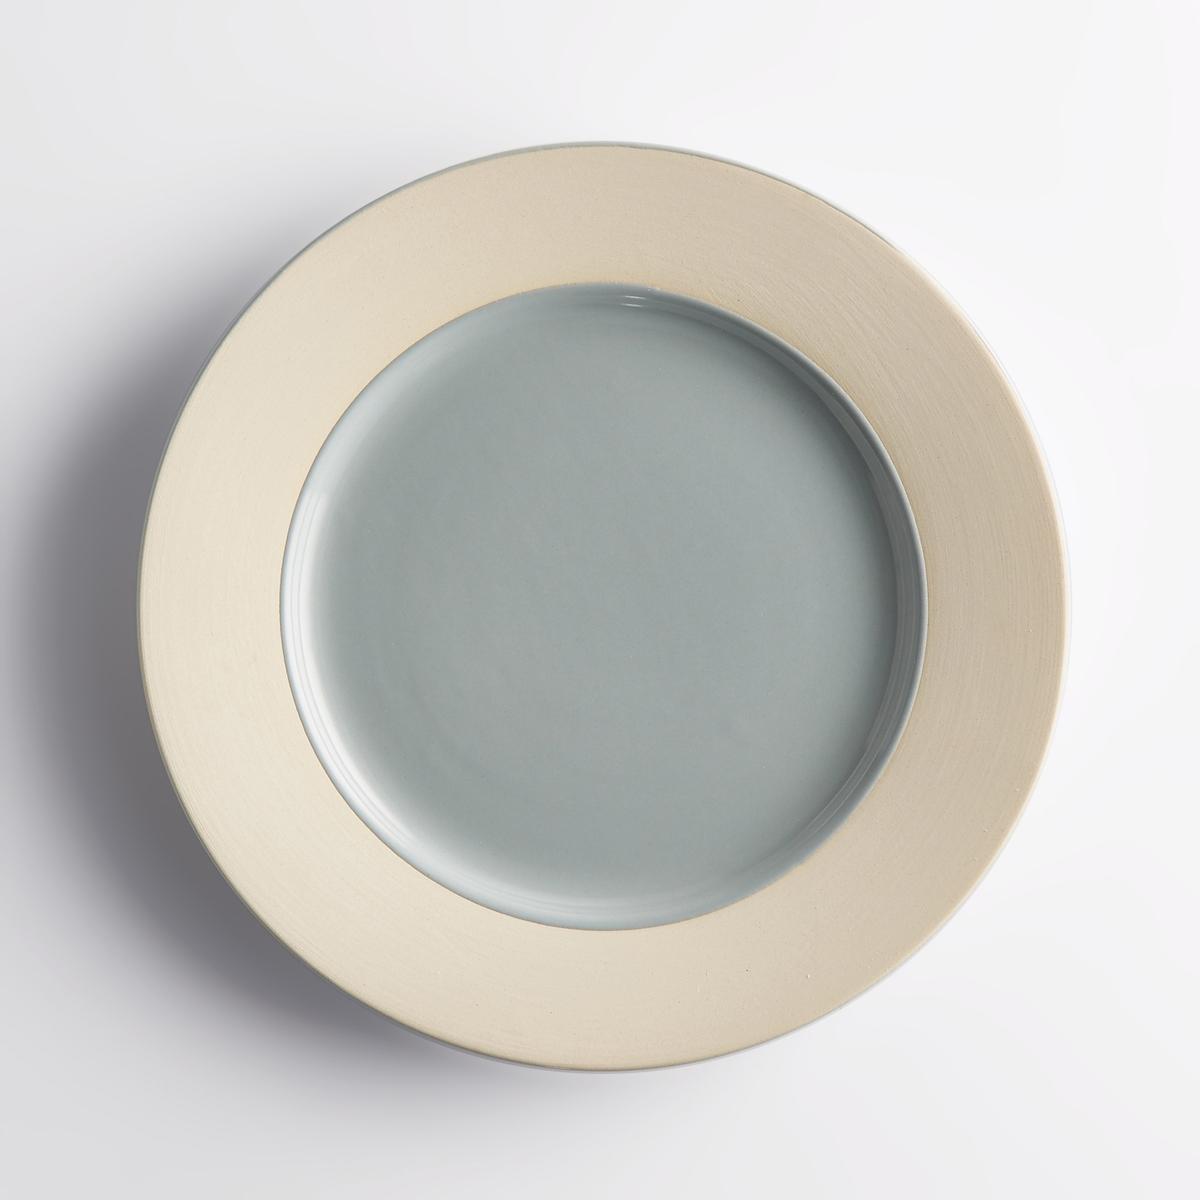 Комплект из 4 мелких тарелок из керамики WarotaДесертная тарелка Warota отличается строгим и аутентичным дизайном и двухцветной расцветкой, что обеспечивает сочетание с любым стилем внутреннего декора.Характеристики 4 двухцветных мелких тарелок Warota :Из керамики.Края из матовой керамики.Размеры 4 двухцветных мелких тарелок Warota :Диаметр. 25 см.Цвета 4 двухцветных мелких тарелок Warota :Керамика без глазури / розовый.Керамика без глазури / синий.Другие тарелки и предметы декора стола вы можете найти на сайте laredoute.ru<br><br>Цвет: синий